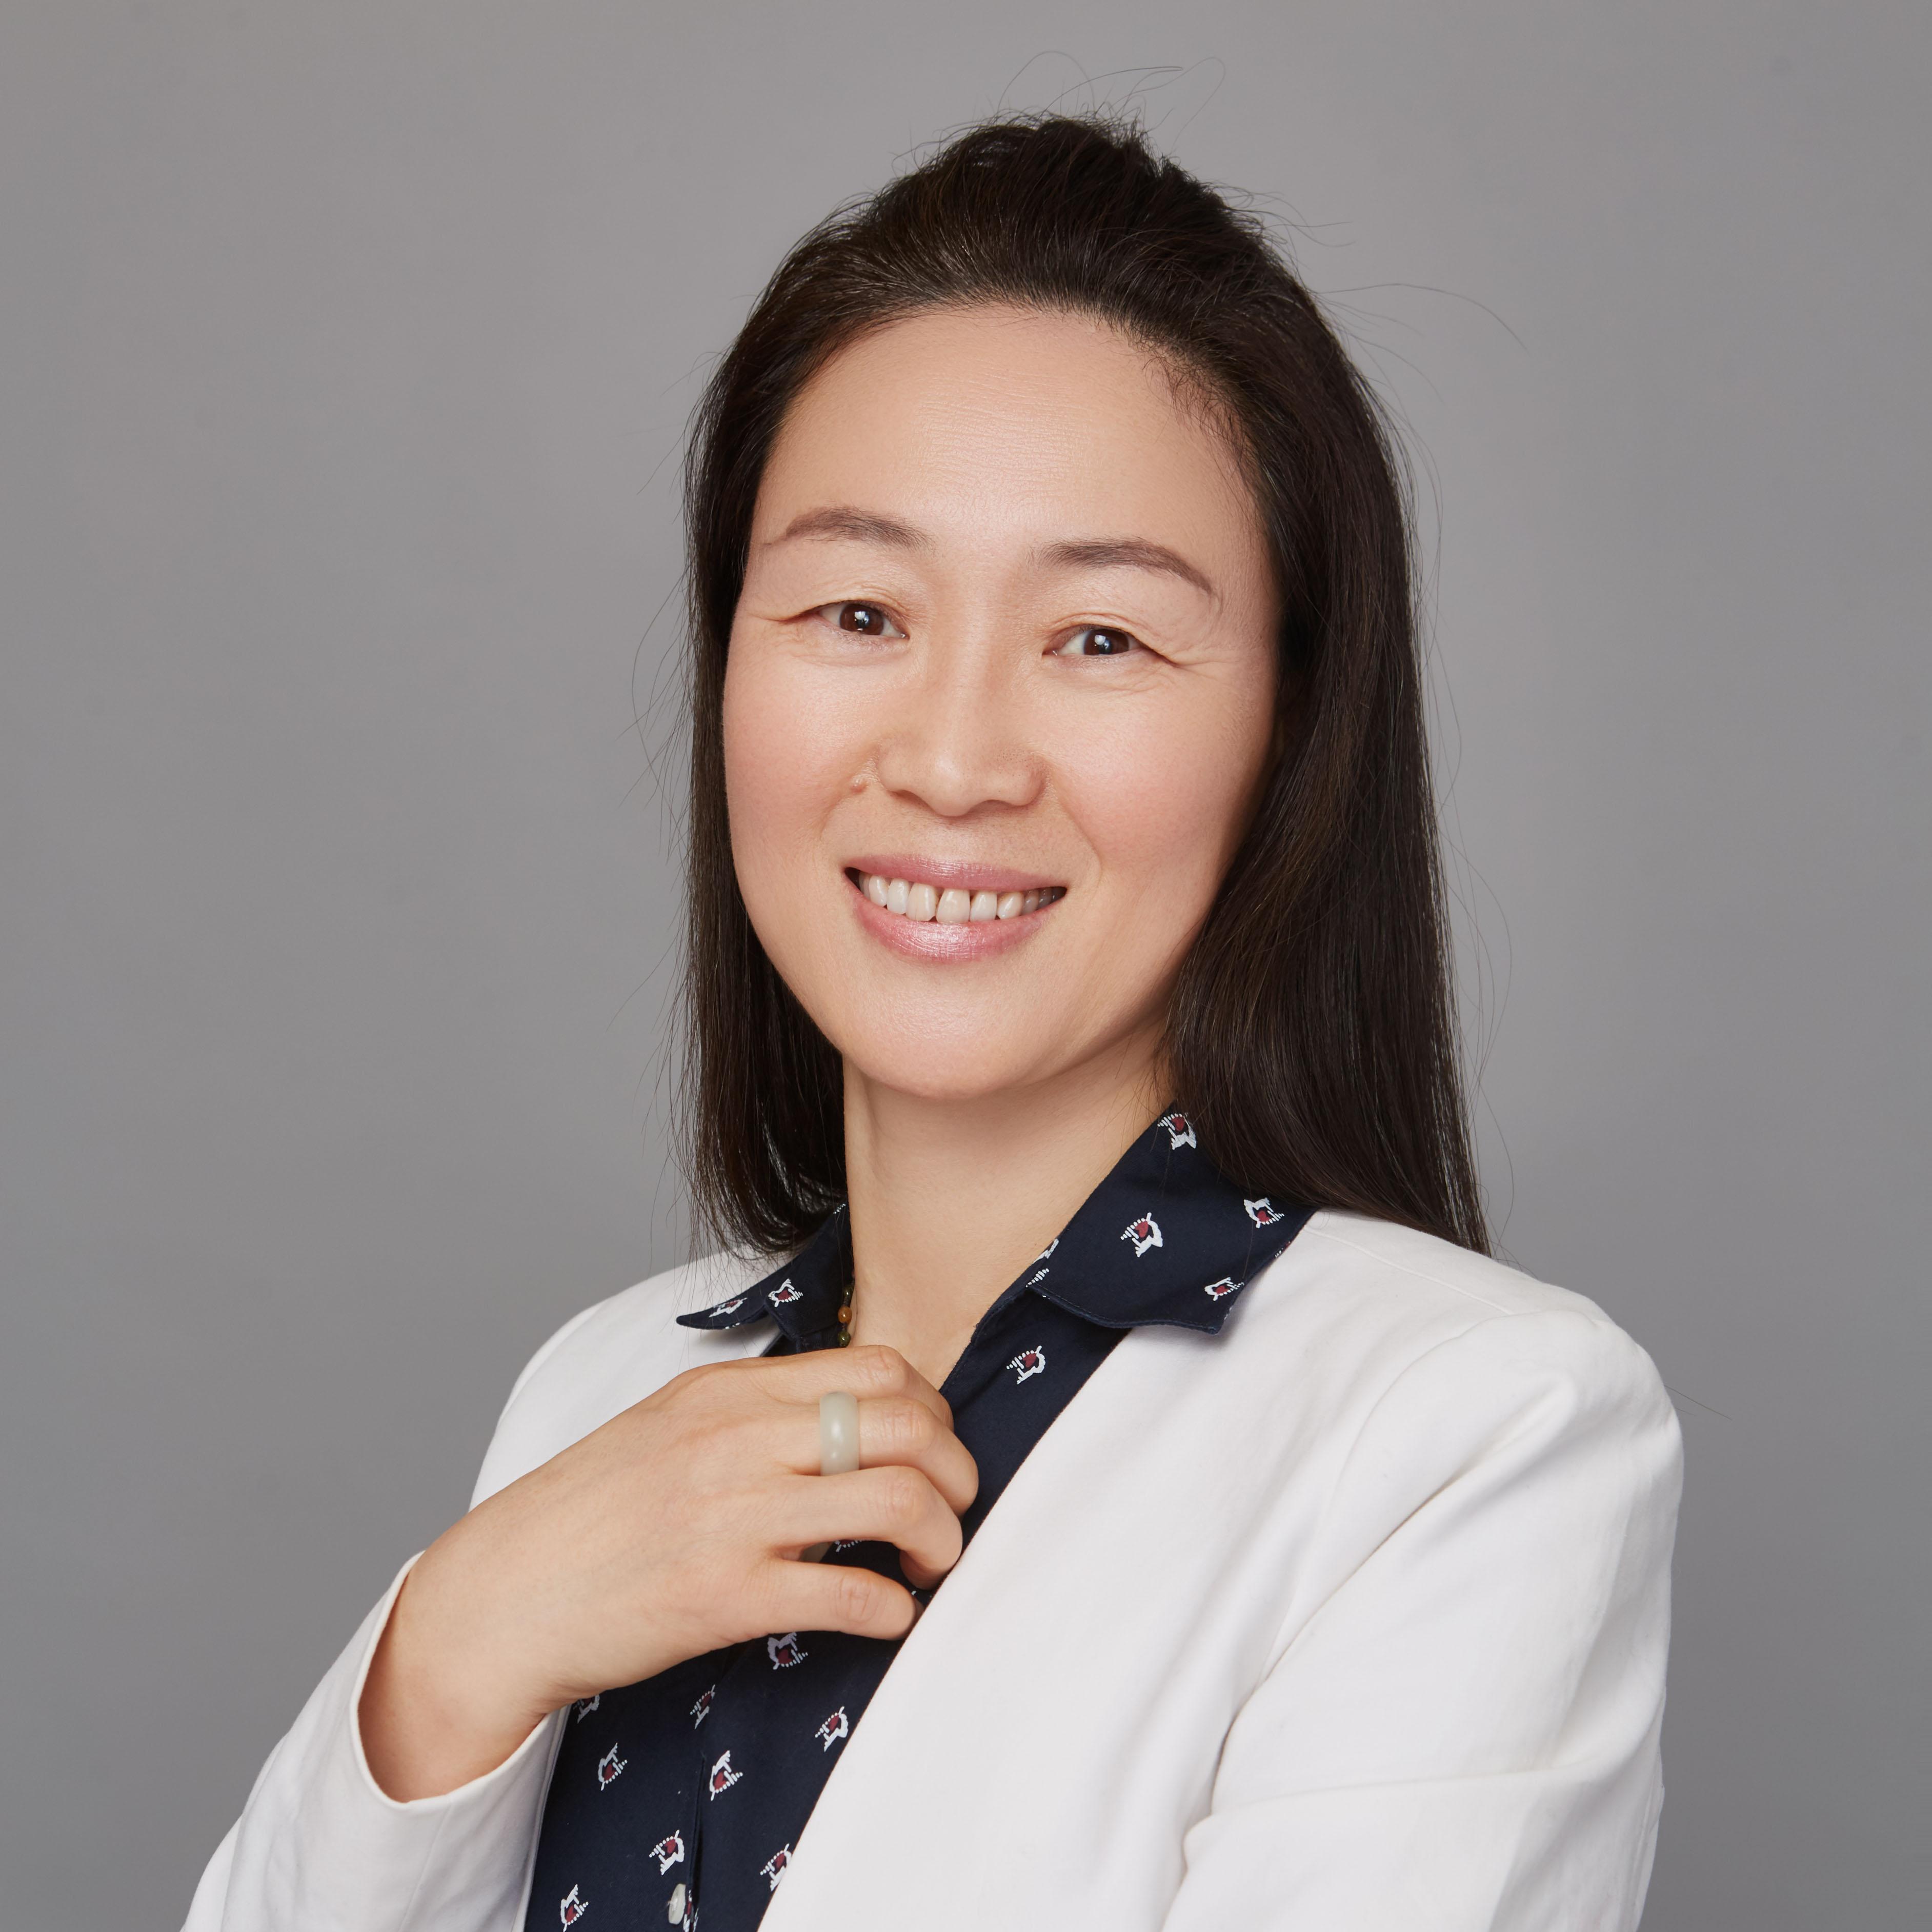 解芳 -心理咨询师介绍_北京会明心理咨询中心